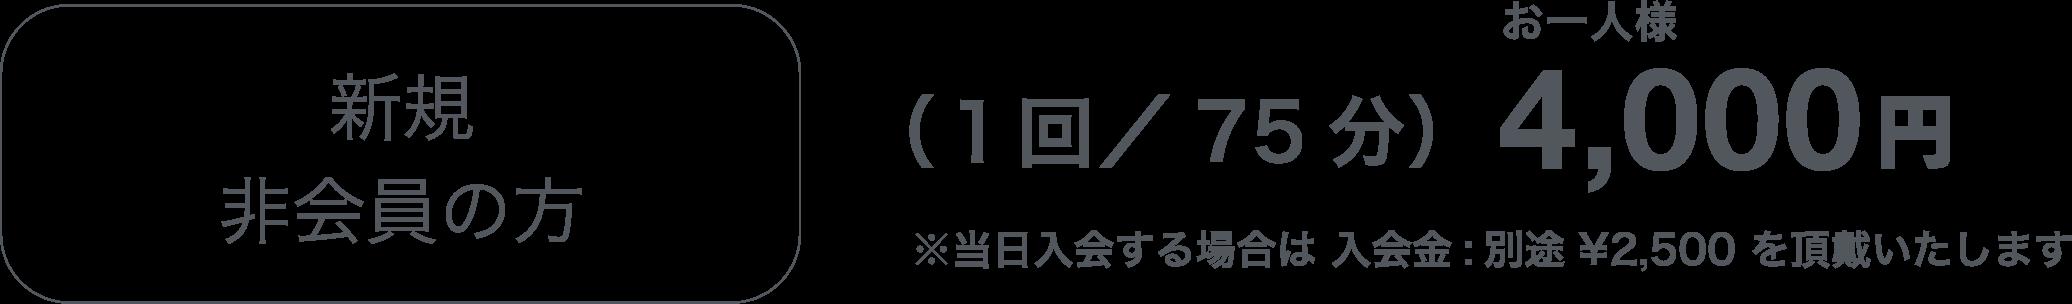 新規非会員の方(1回/75分)4,000円